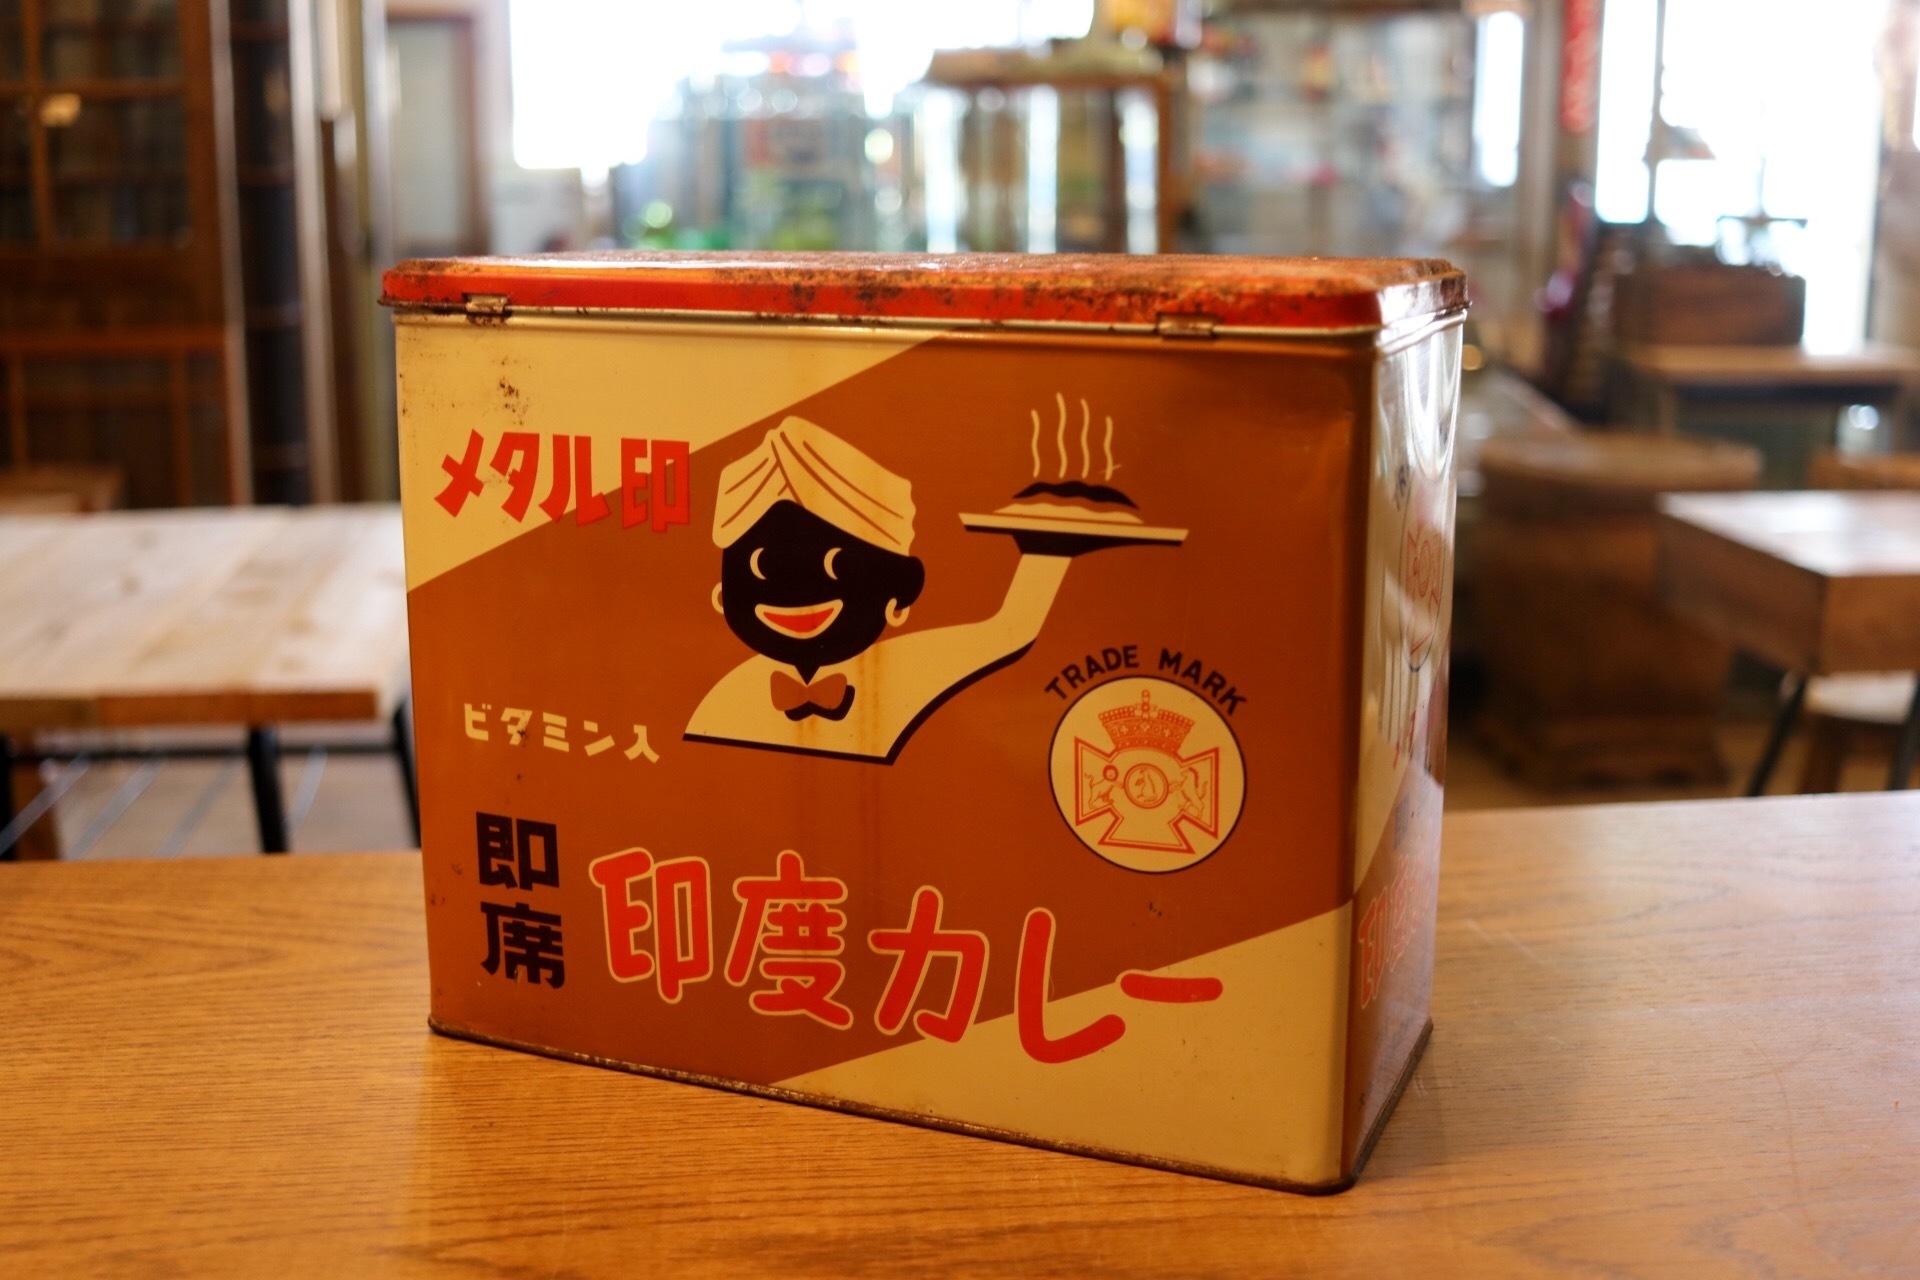 香川県の古いもの出張買取。アンティーク・古道具買取_d0172694_16013407.jpg